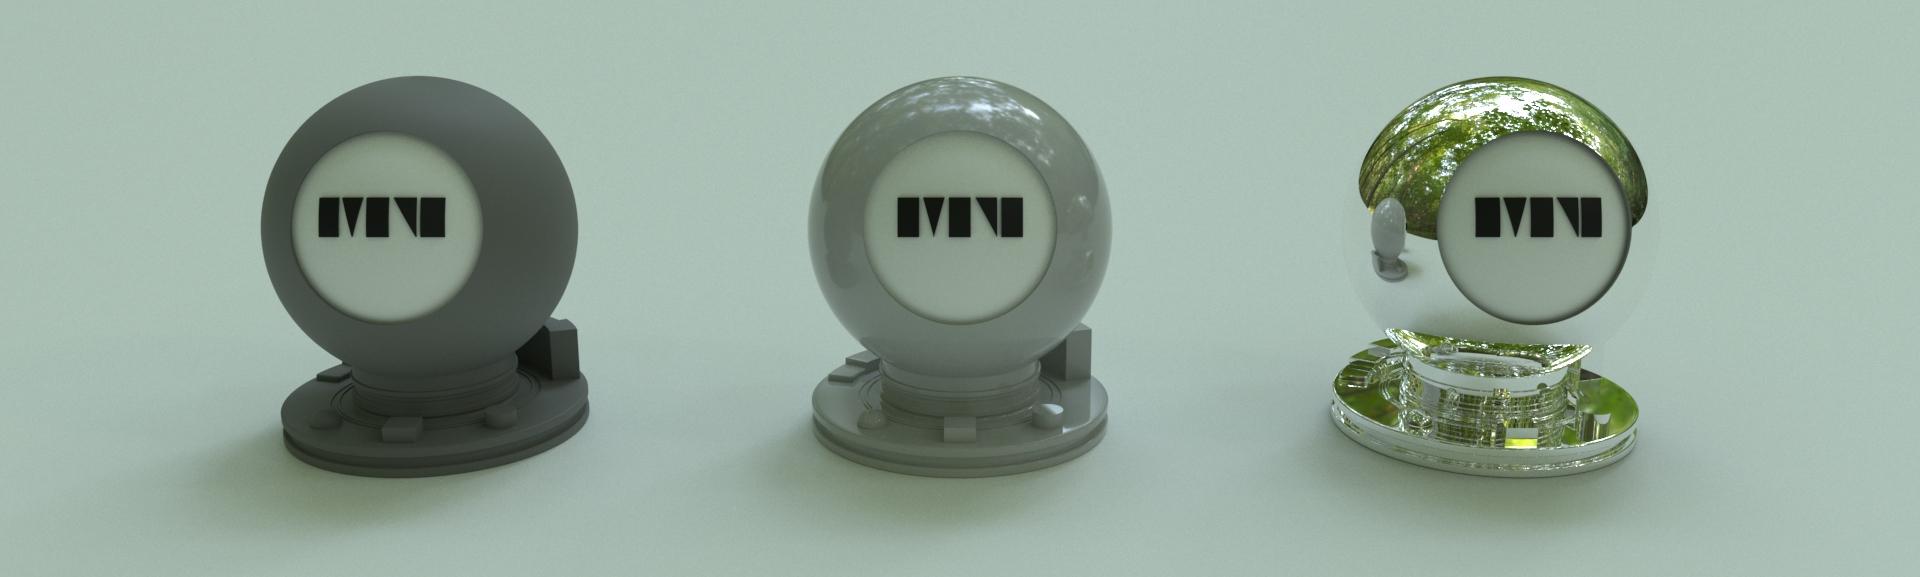 Pano 56 Shader Balls